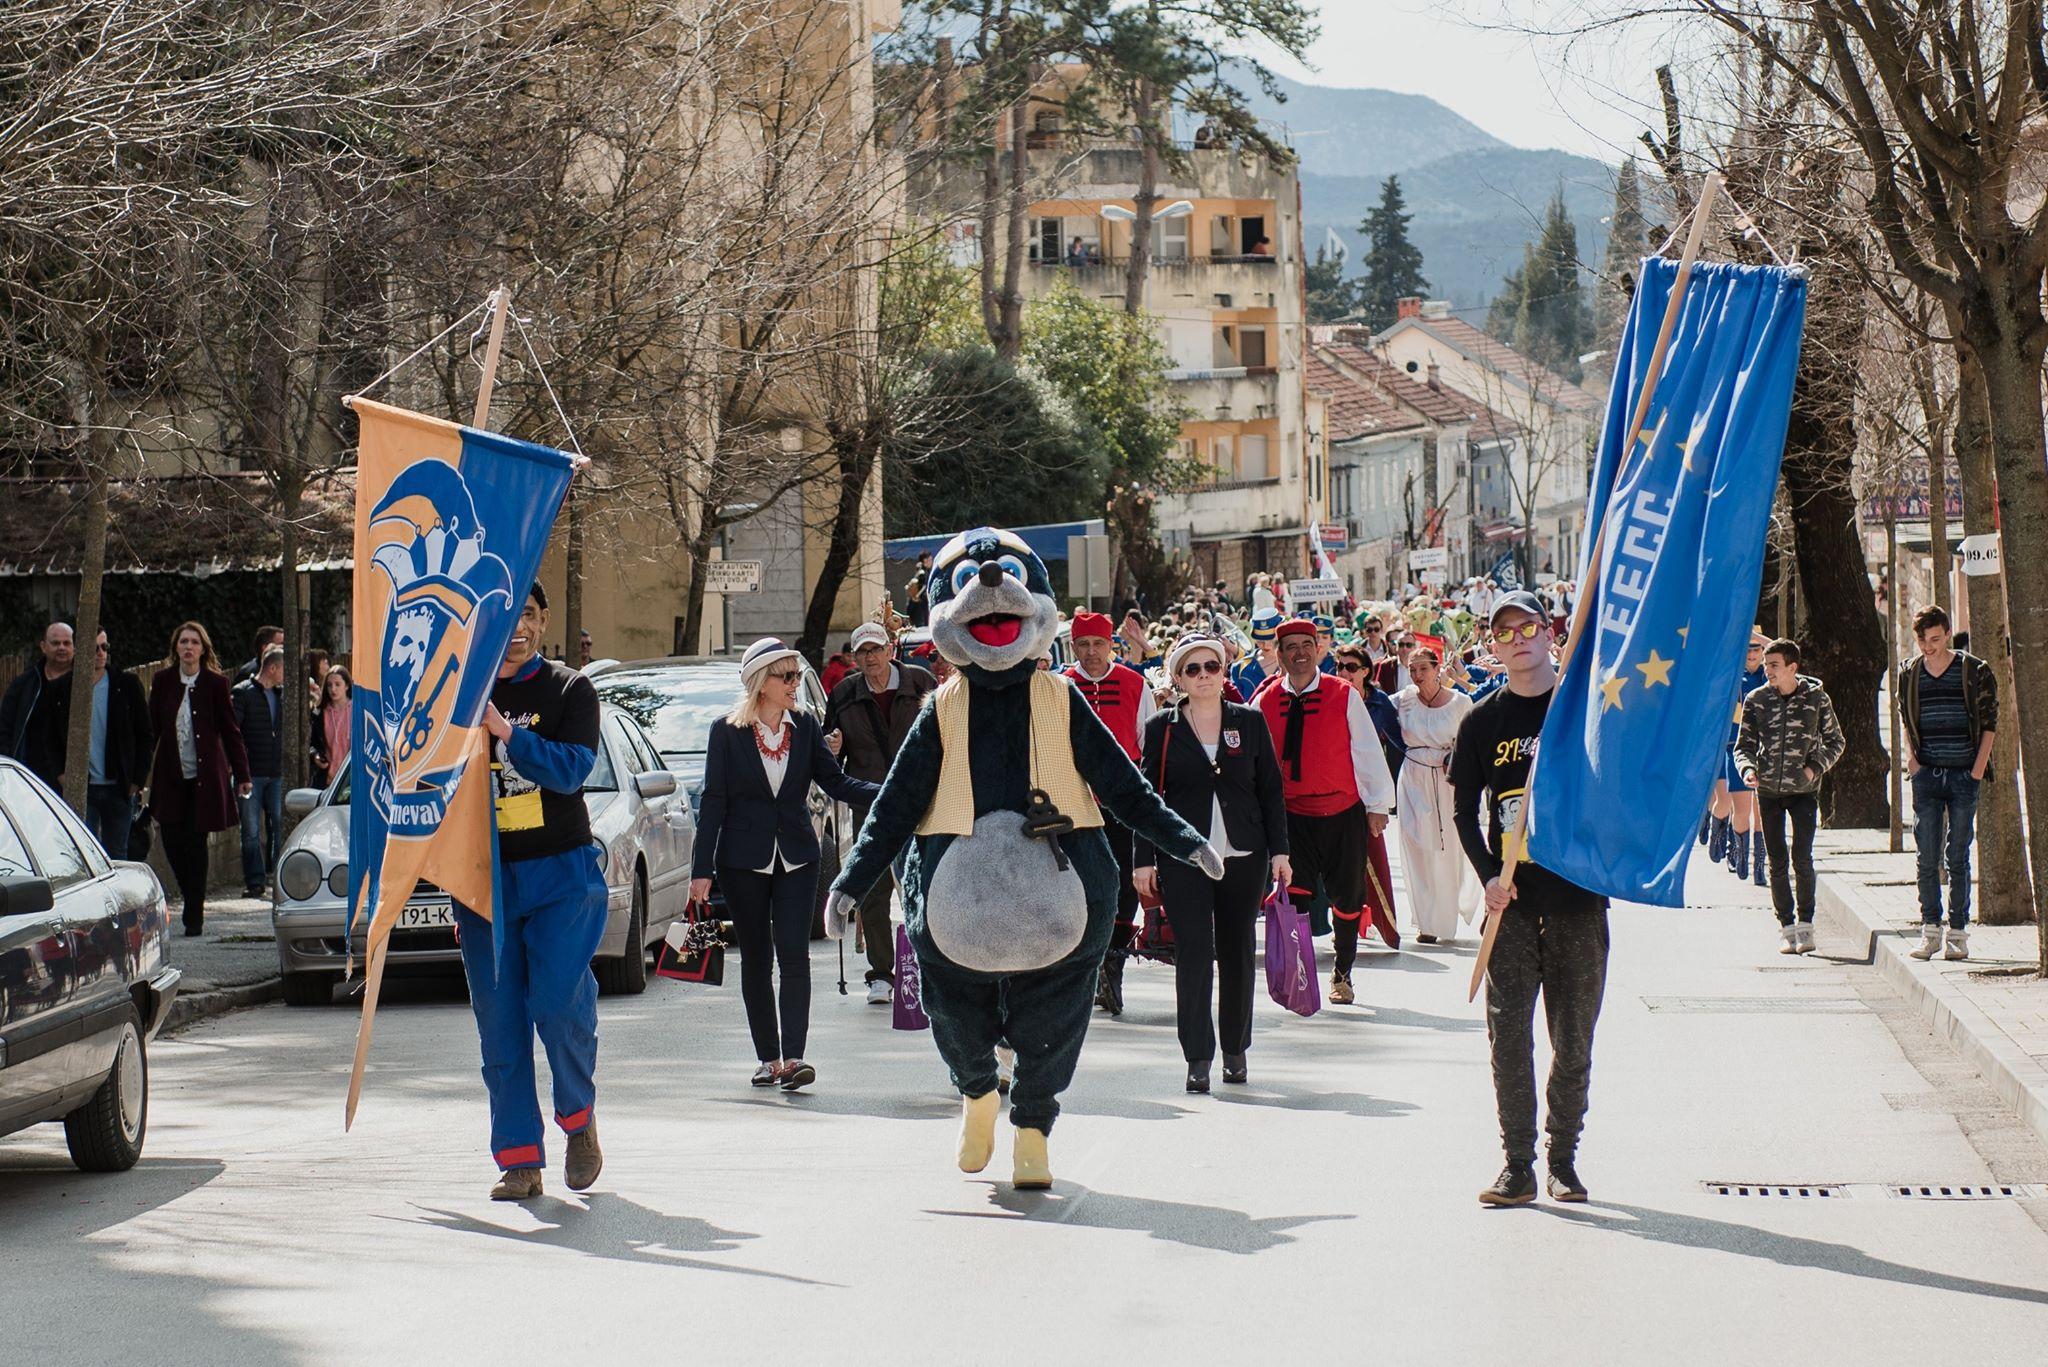 Ljubuški karneval 2019. međunarodna povorka gradskim ulicama